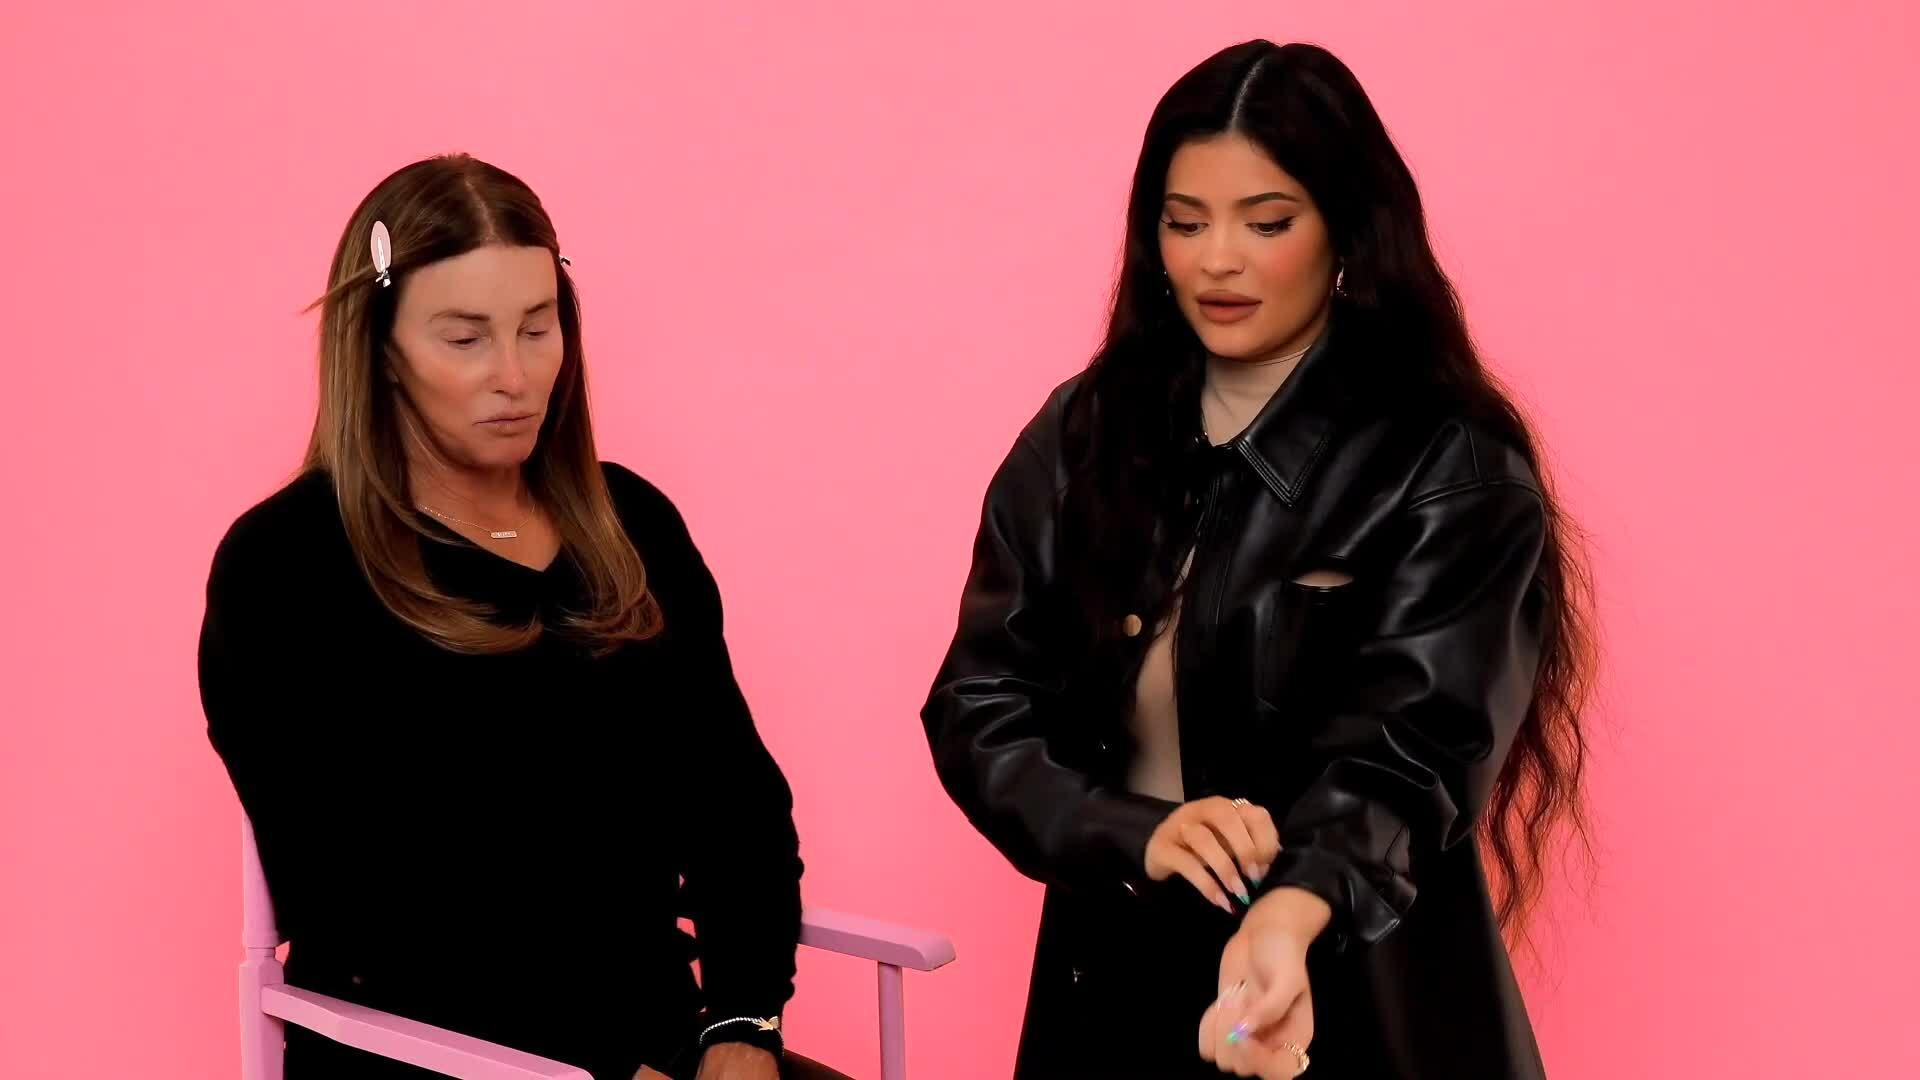 Kylie Jenner trang điểm cho cha chuyển giới